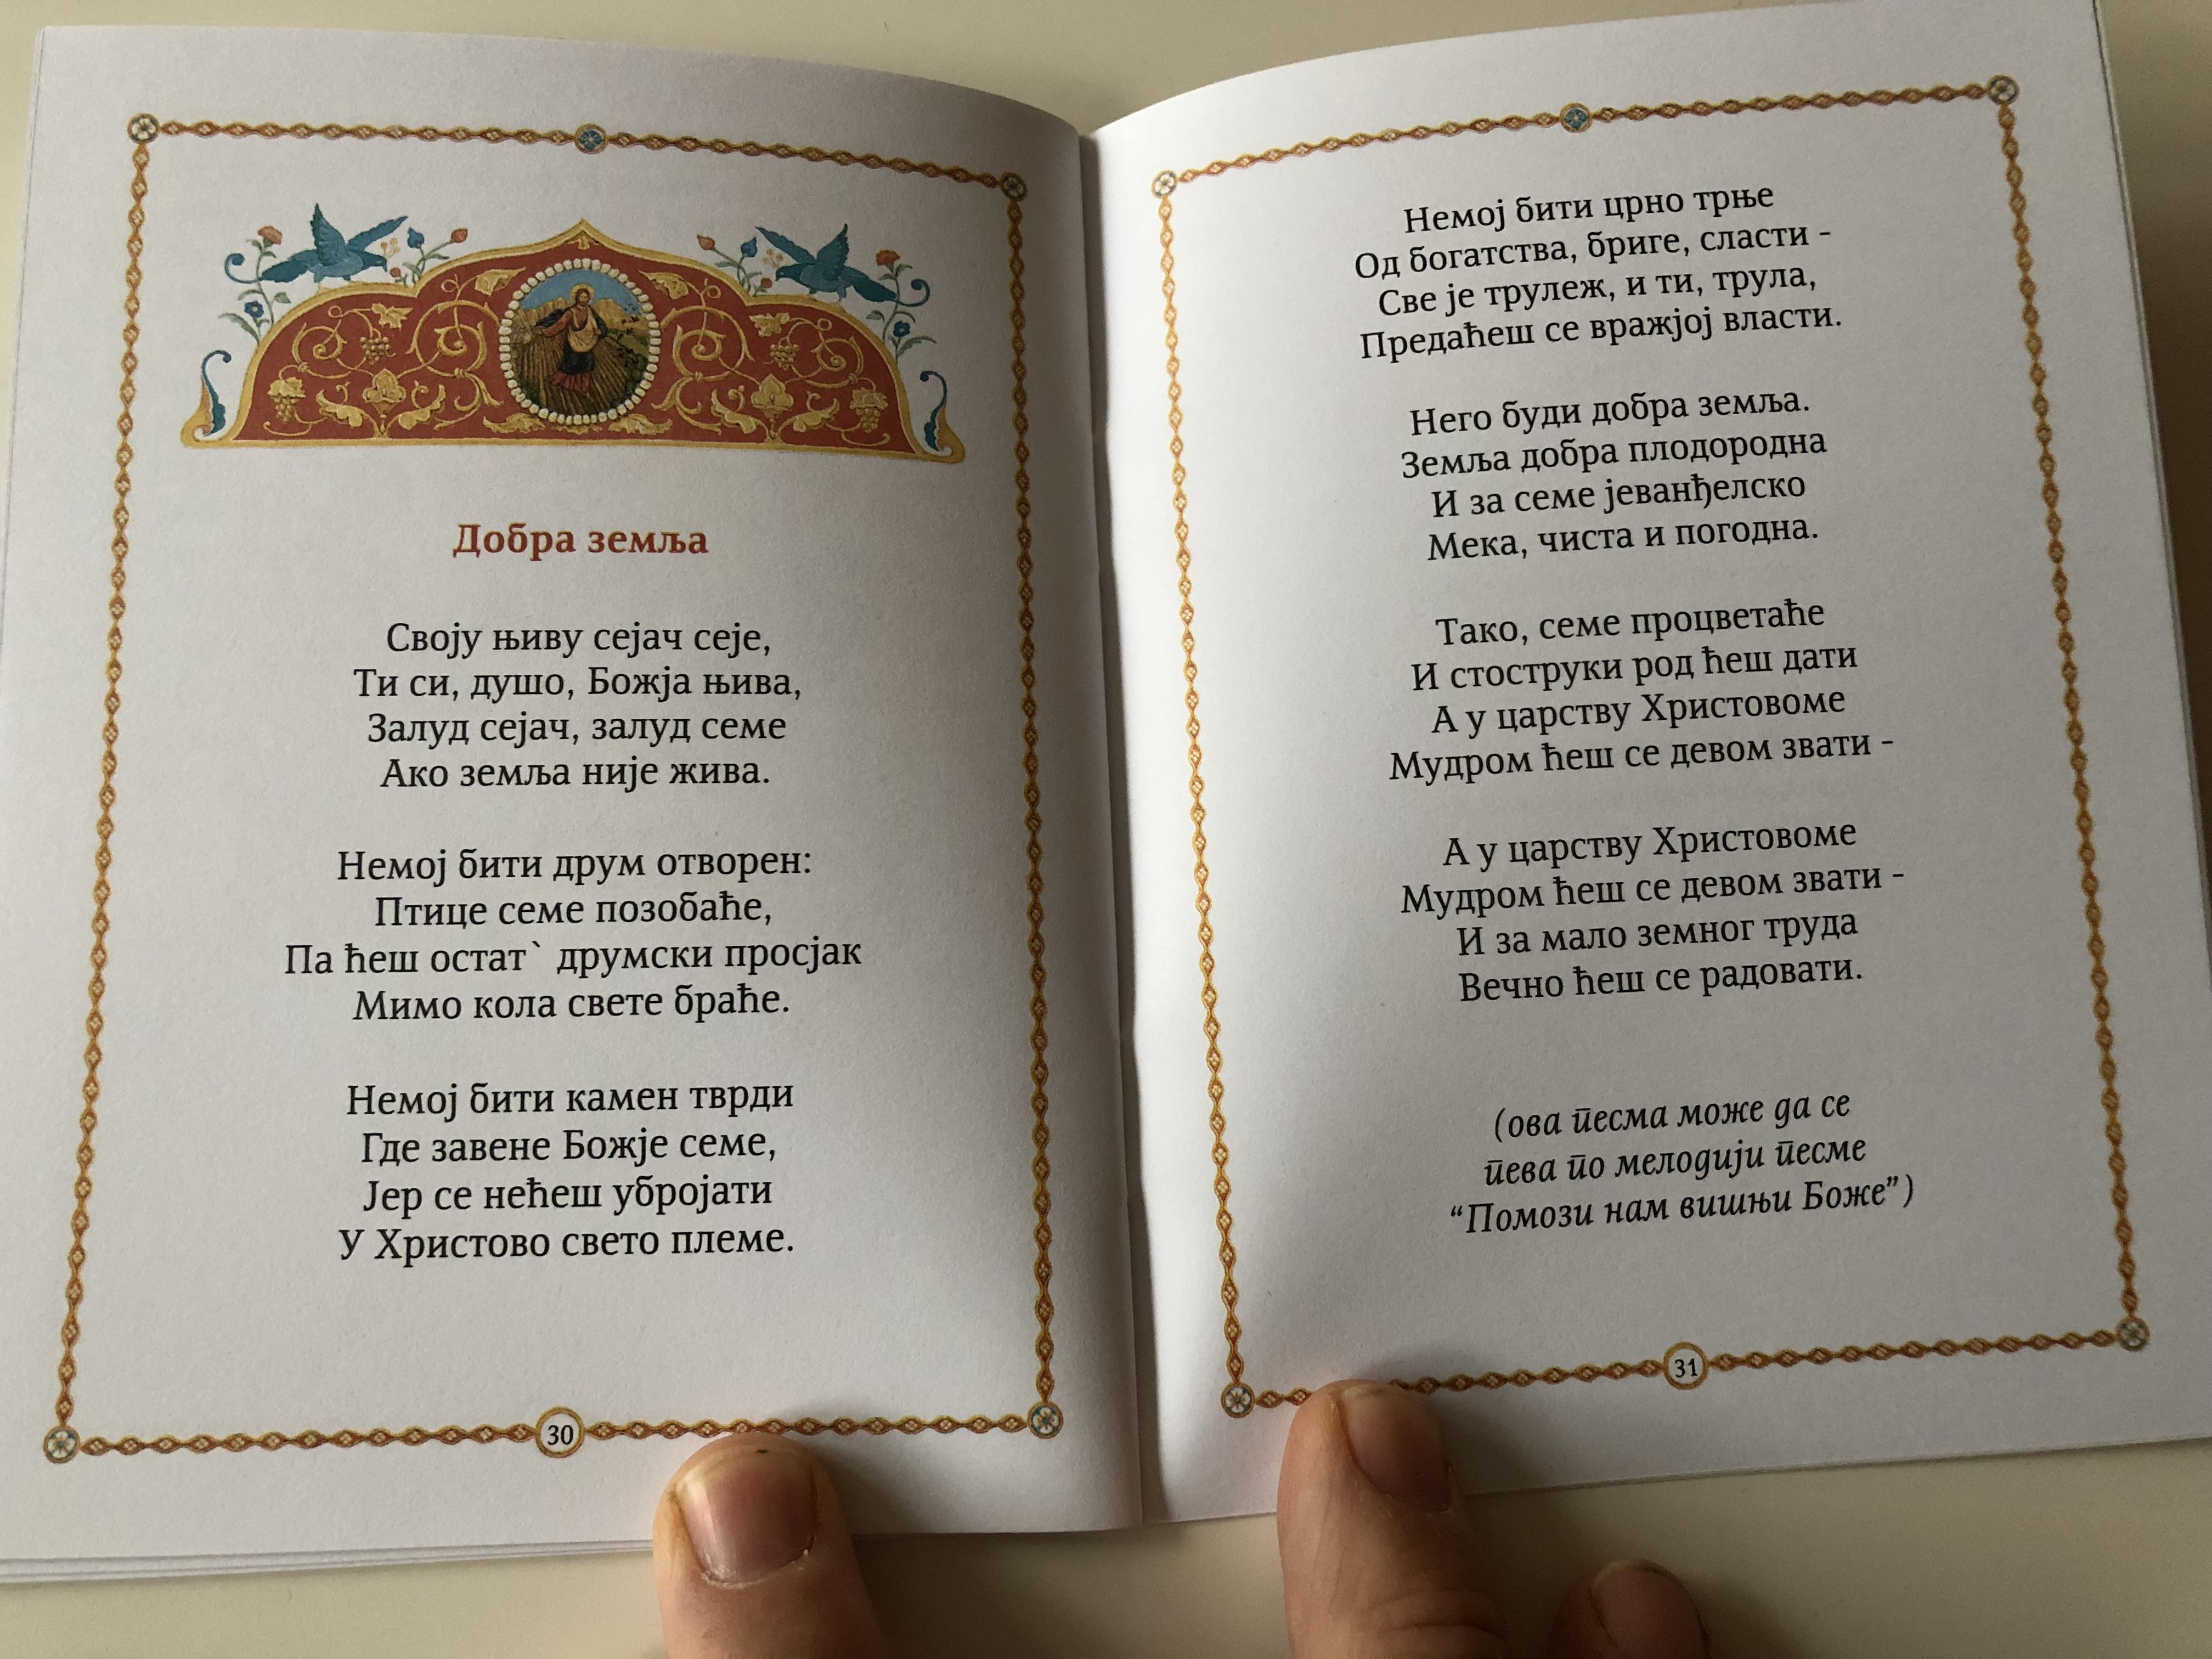 serbian-jesus-parable-of-sower-of-seeds-orthodox-storybook-9-.jpg